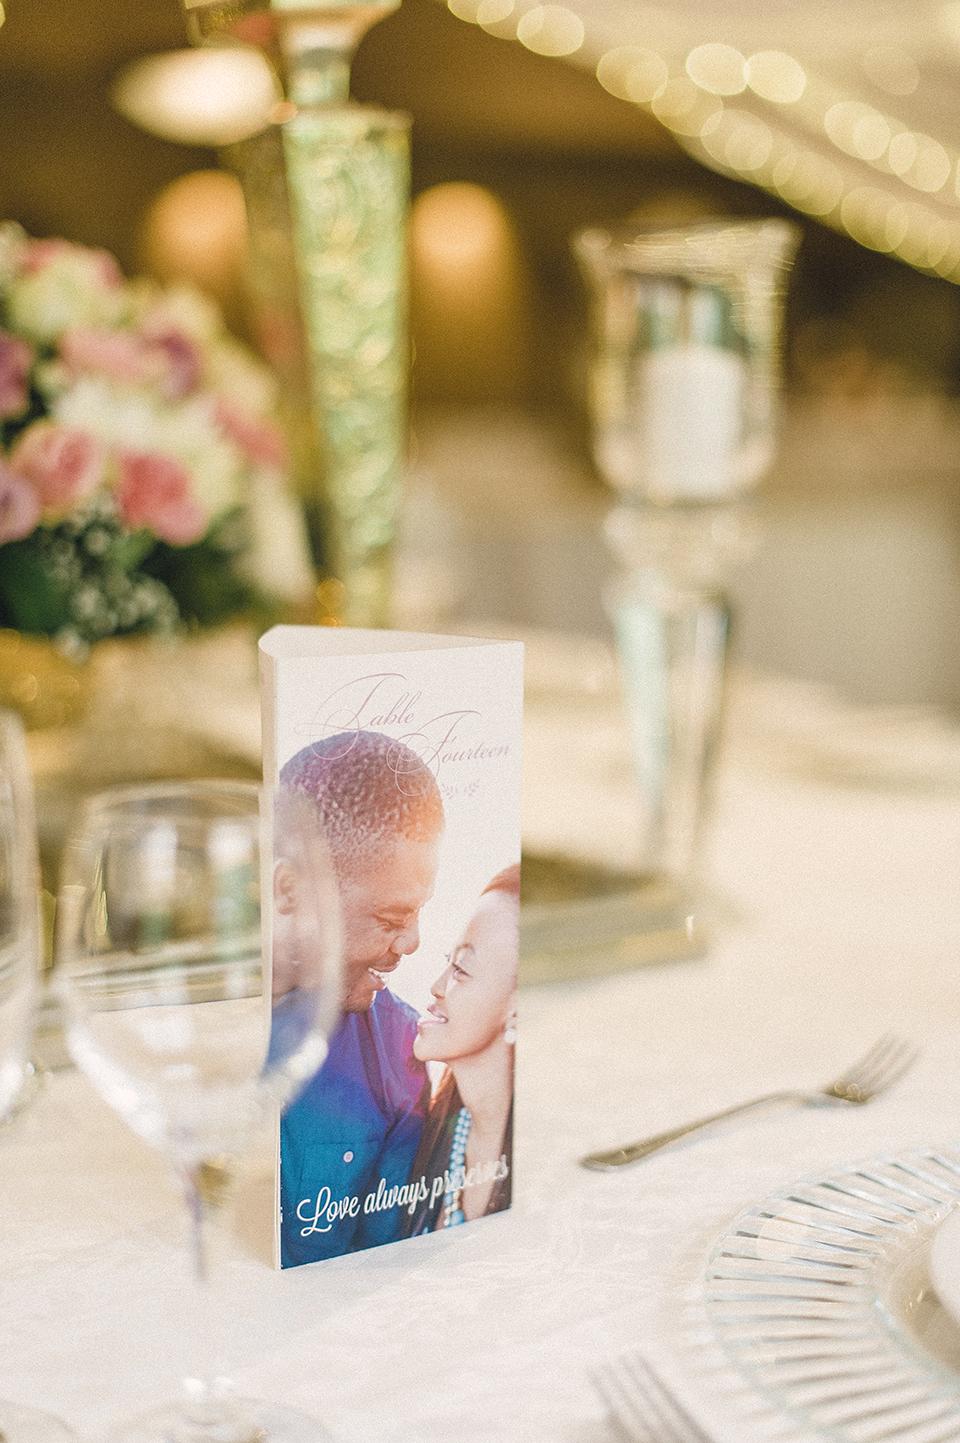 RyanParker_WeddingPhotographer_FineArt_CapeTown_Johannesburg_Hermanus_Avianto_T&L_DSC_8533.jpg